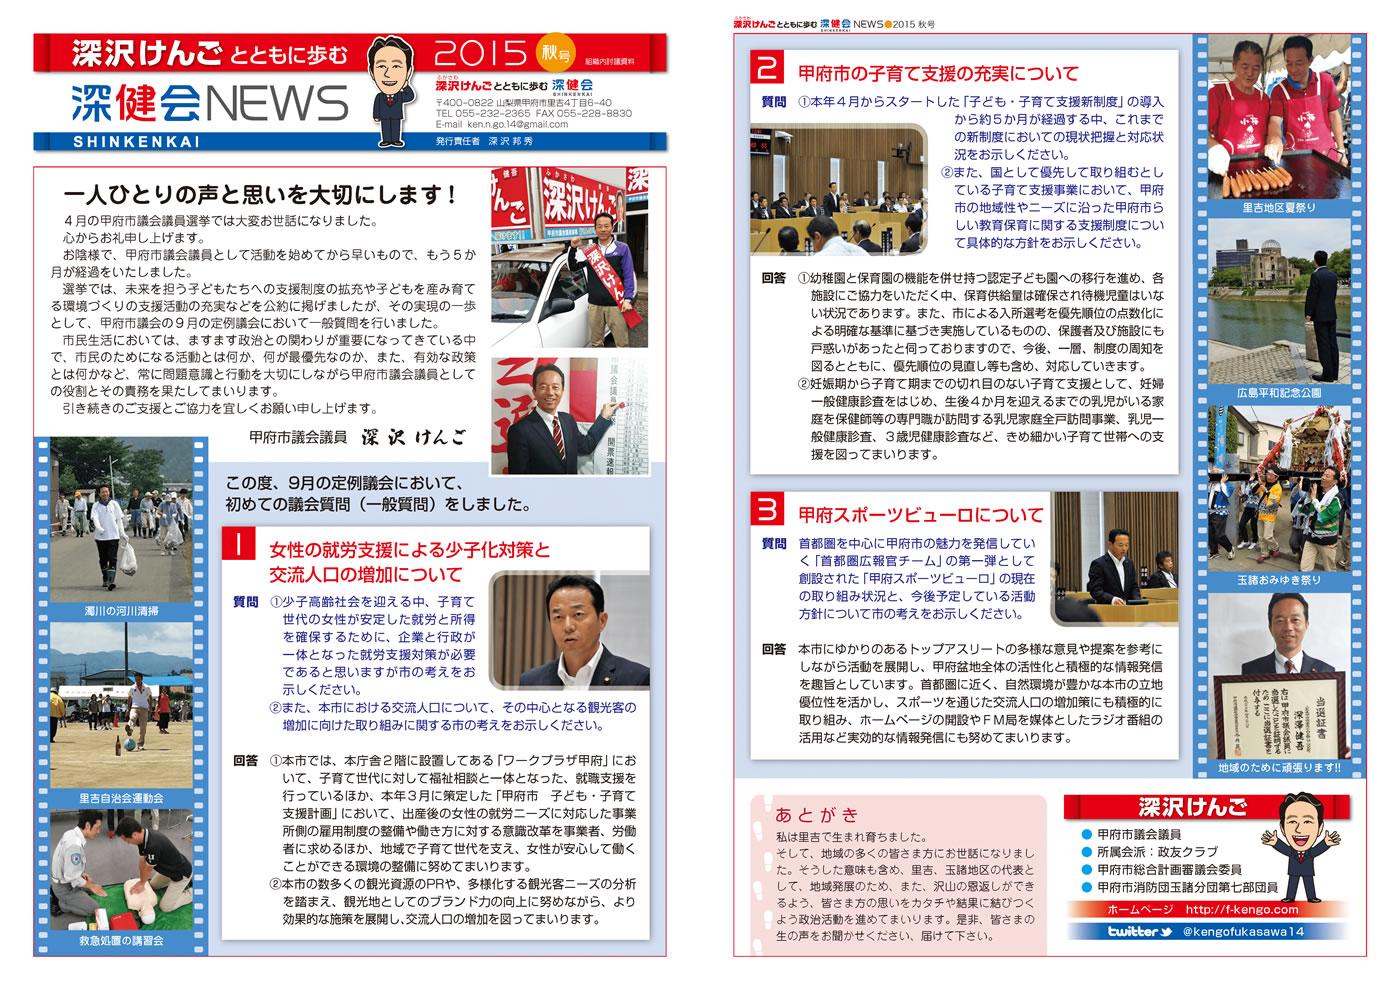 深健会ニュース〈2015年秋号〉